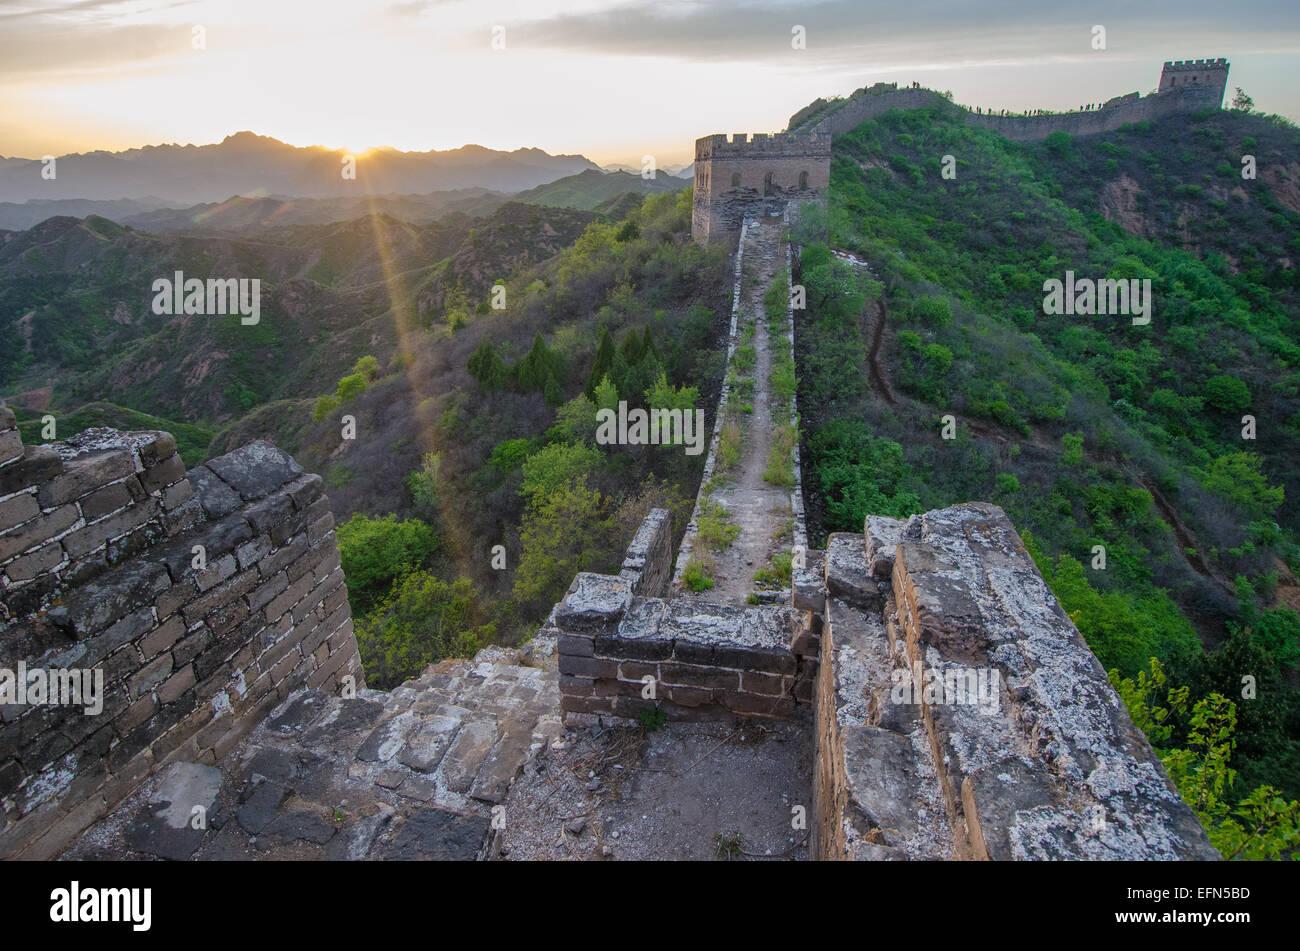 Die 2.300 Jahre alte chinesische Mauer wird von der untergehenden Sonne beleuchtet. Stockbild